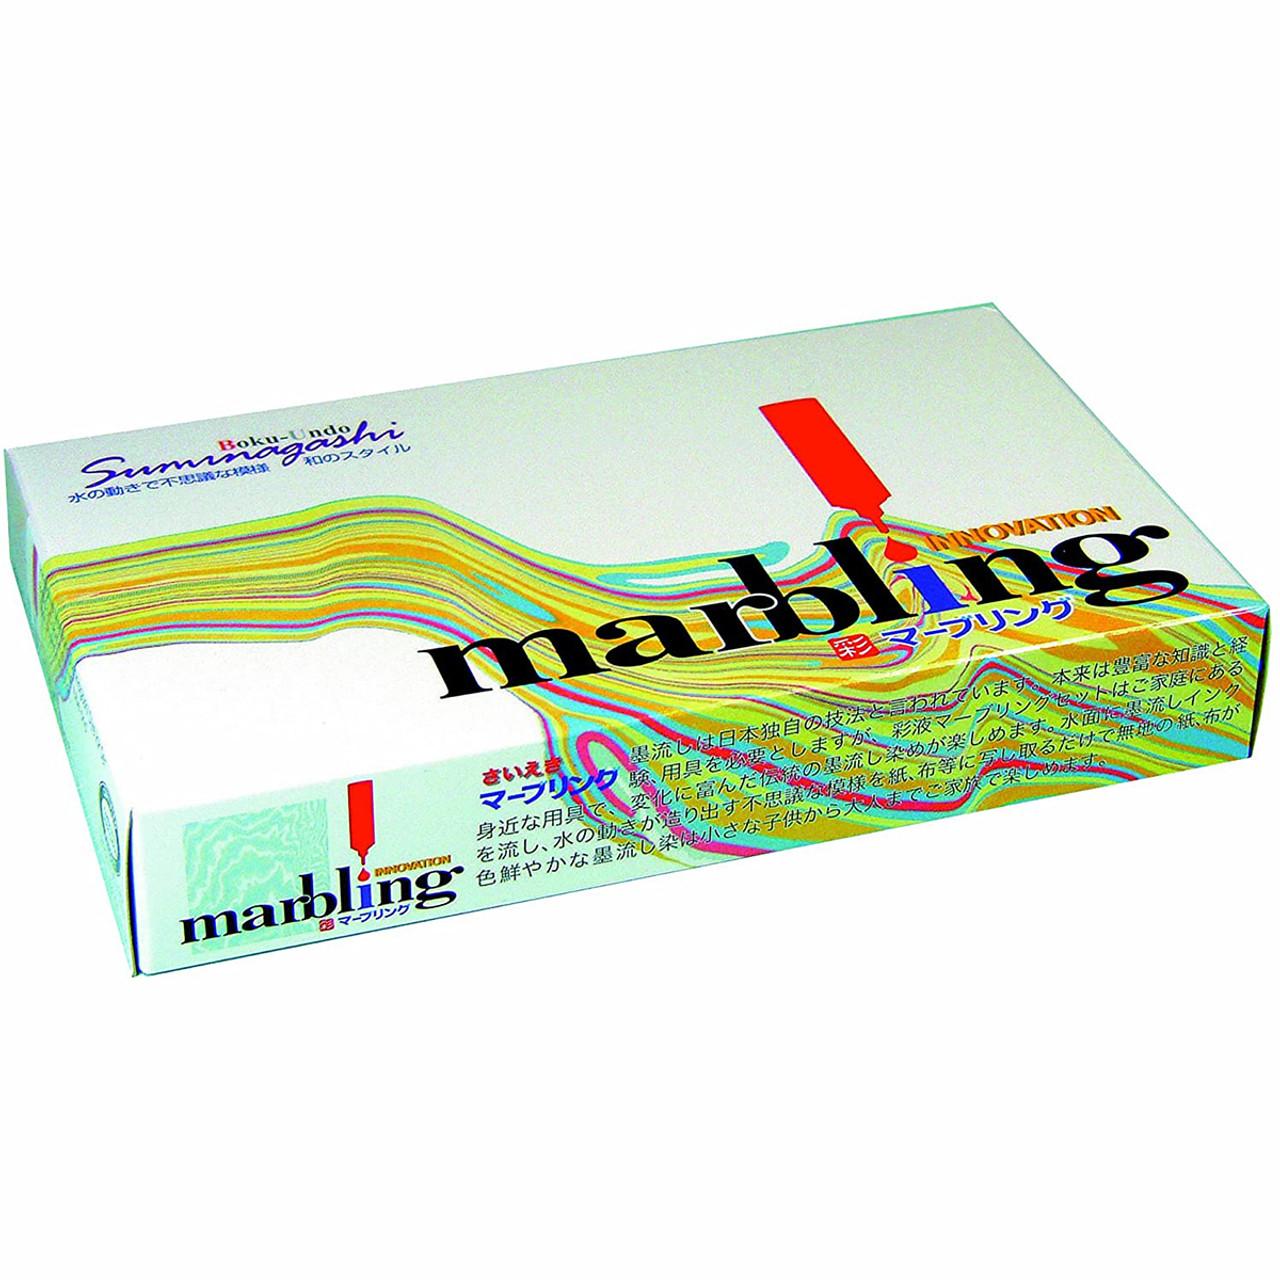 Suminagashi Marbling Kit